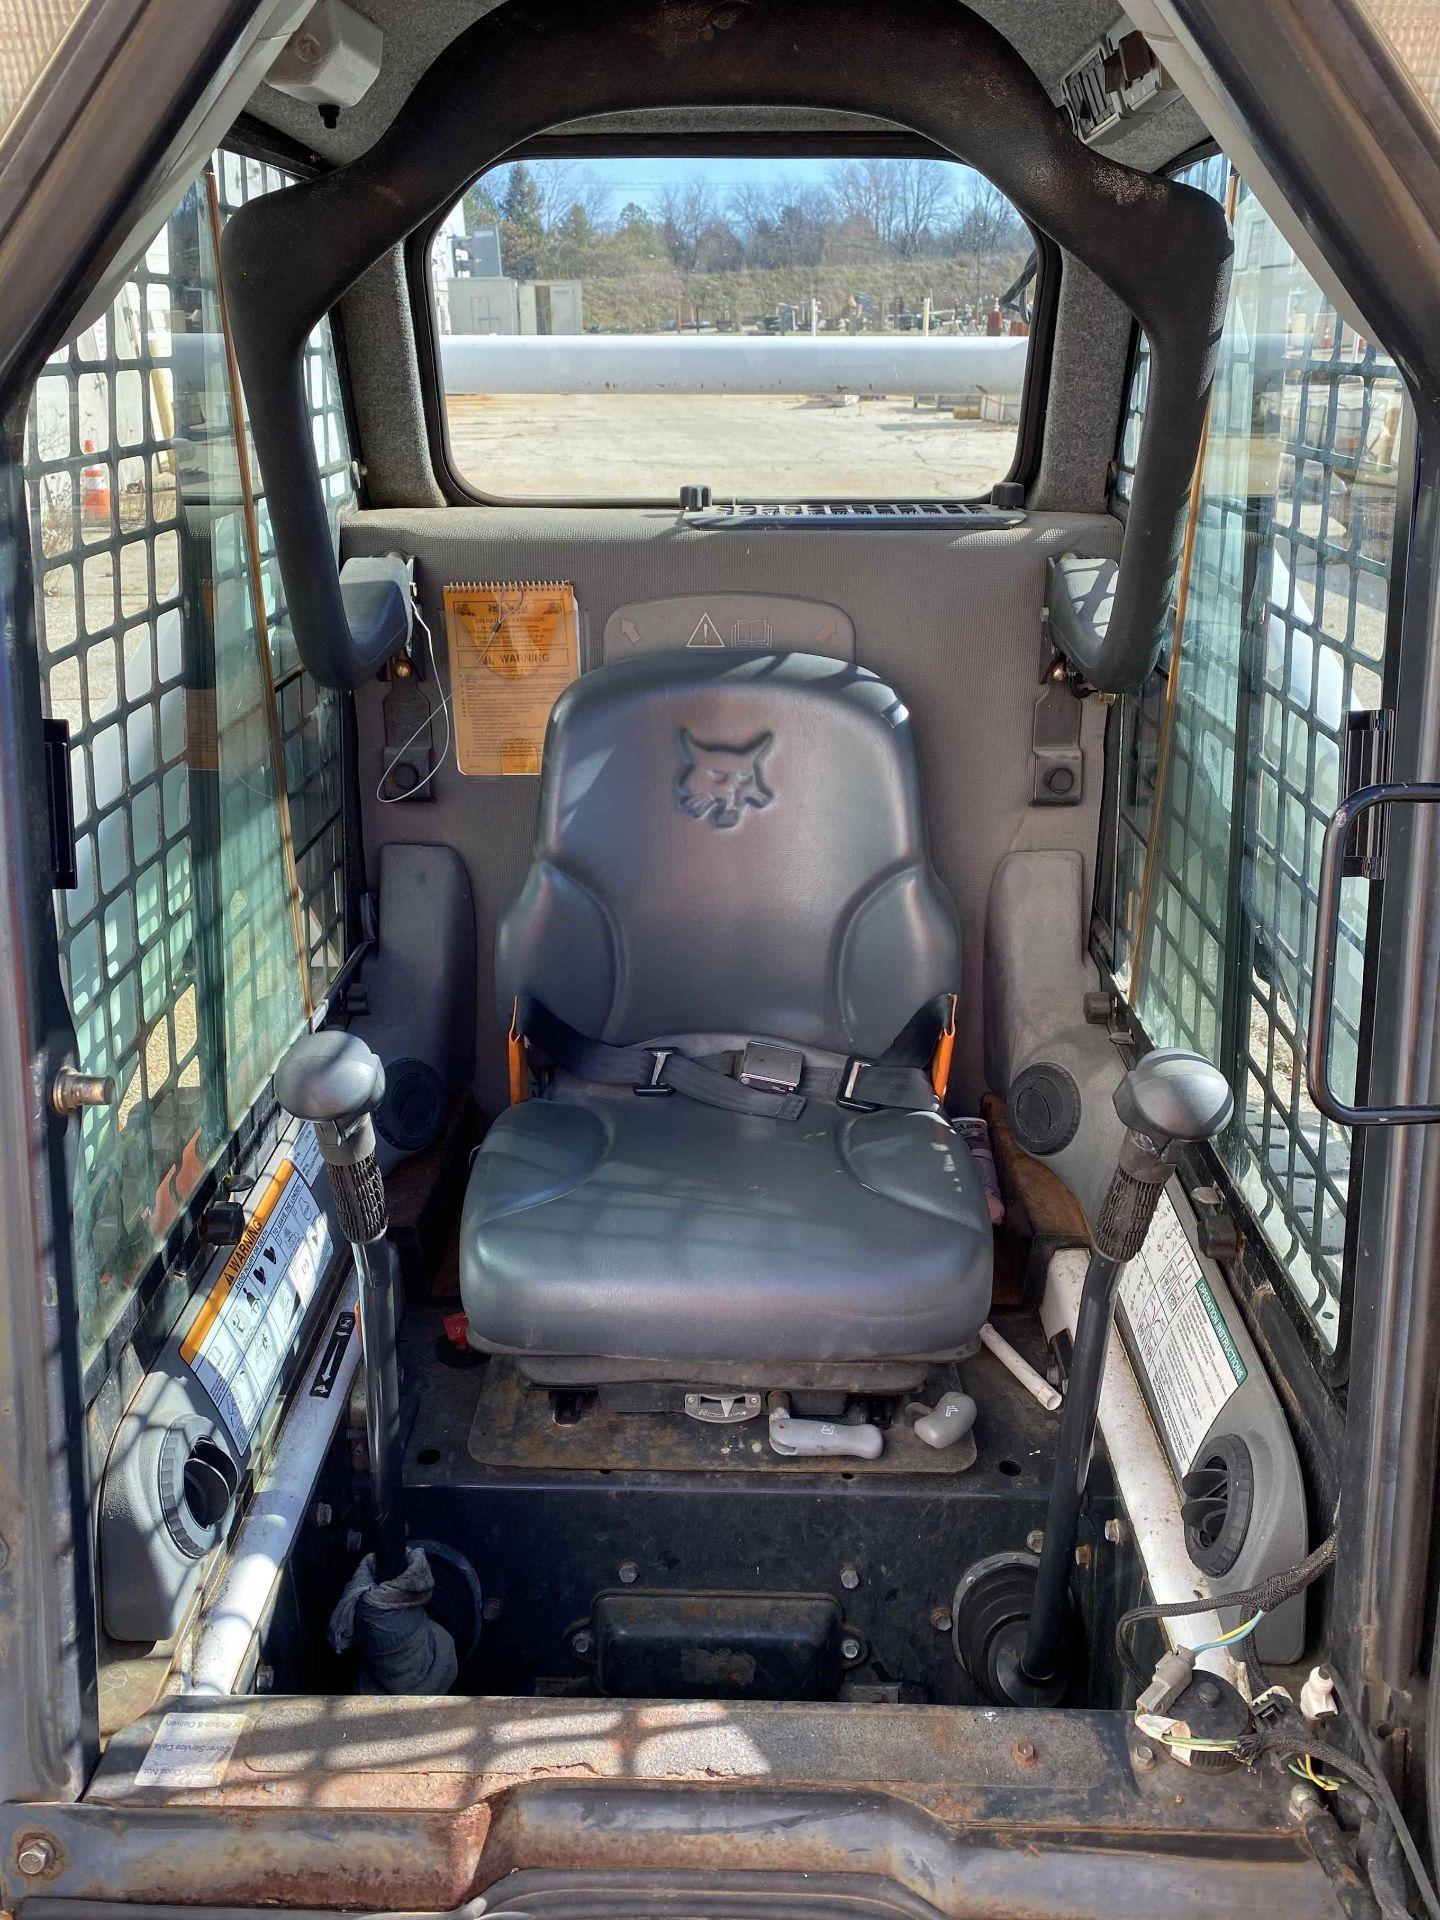 2008 BOBCAT S175 Compact Skid Steer Loader, s/n A3L52070 - Image 4 of 6